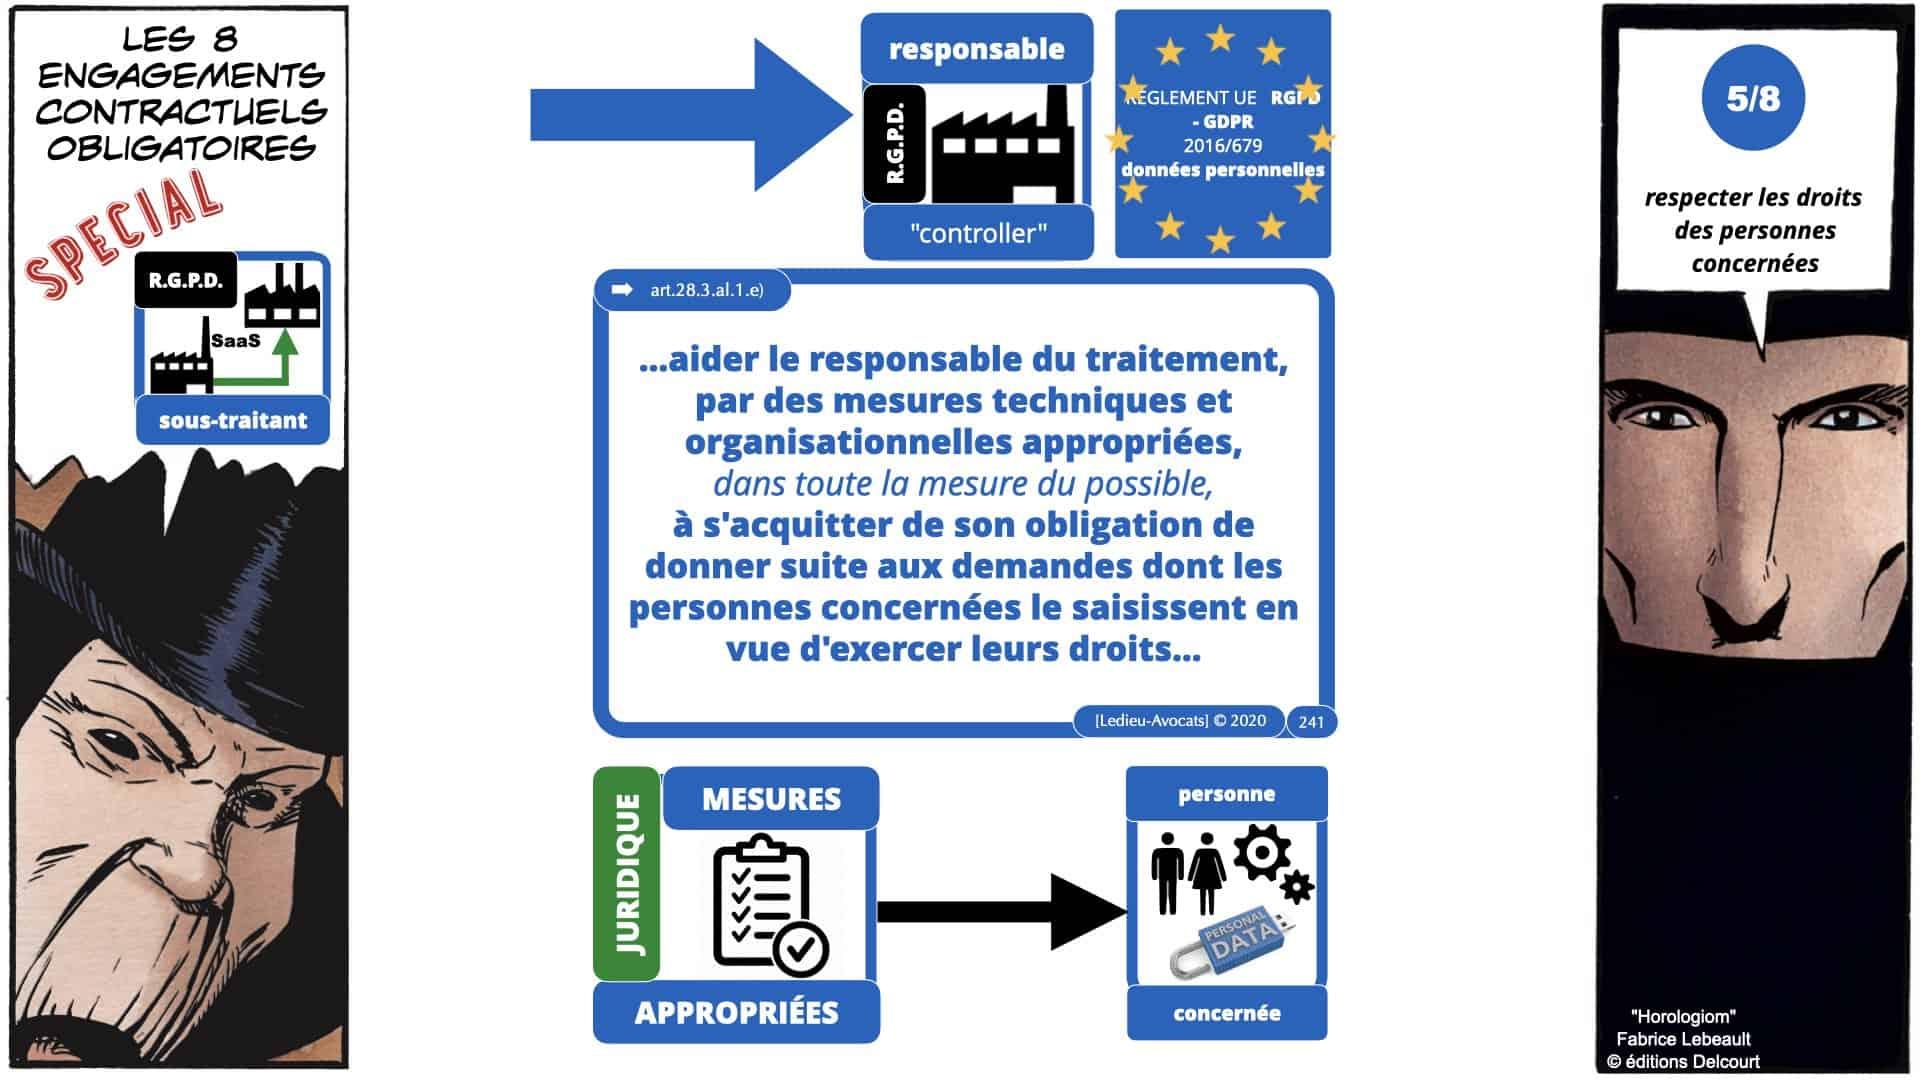 RGPD e-Privacy données personnelles jurisprudence formation Lamy Les Echos 10-02-2021 ©Ledieu-Avocats.241